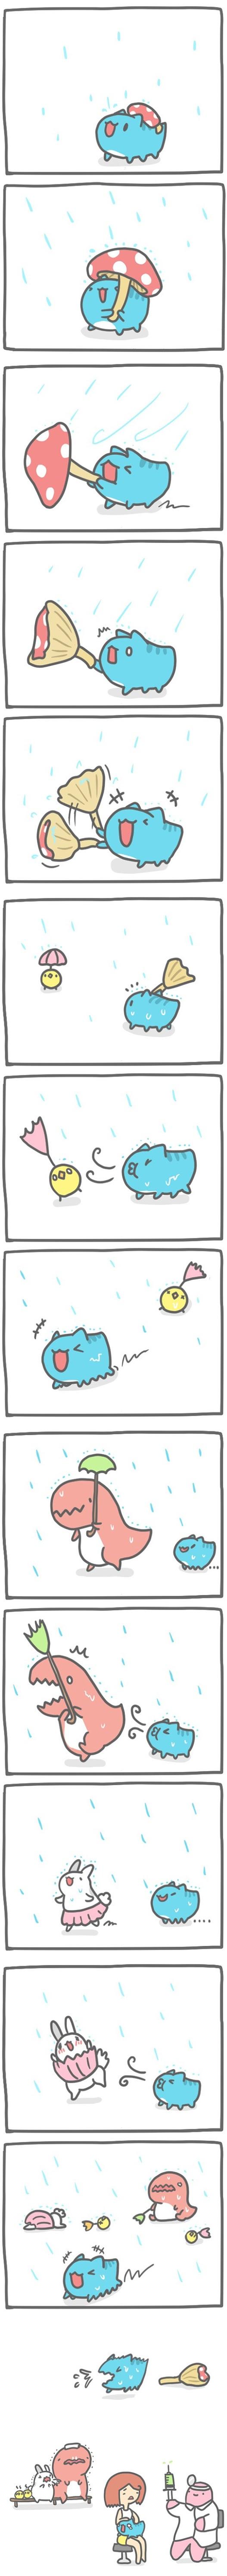 Truyện Mìn Lèo #99: Vui đùa dưới mưa